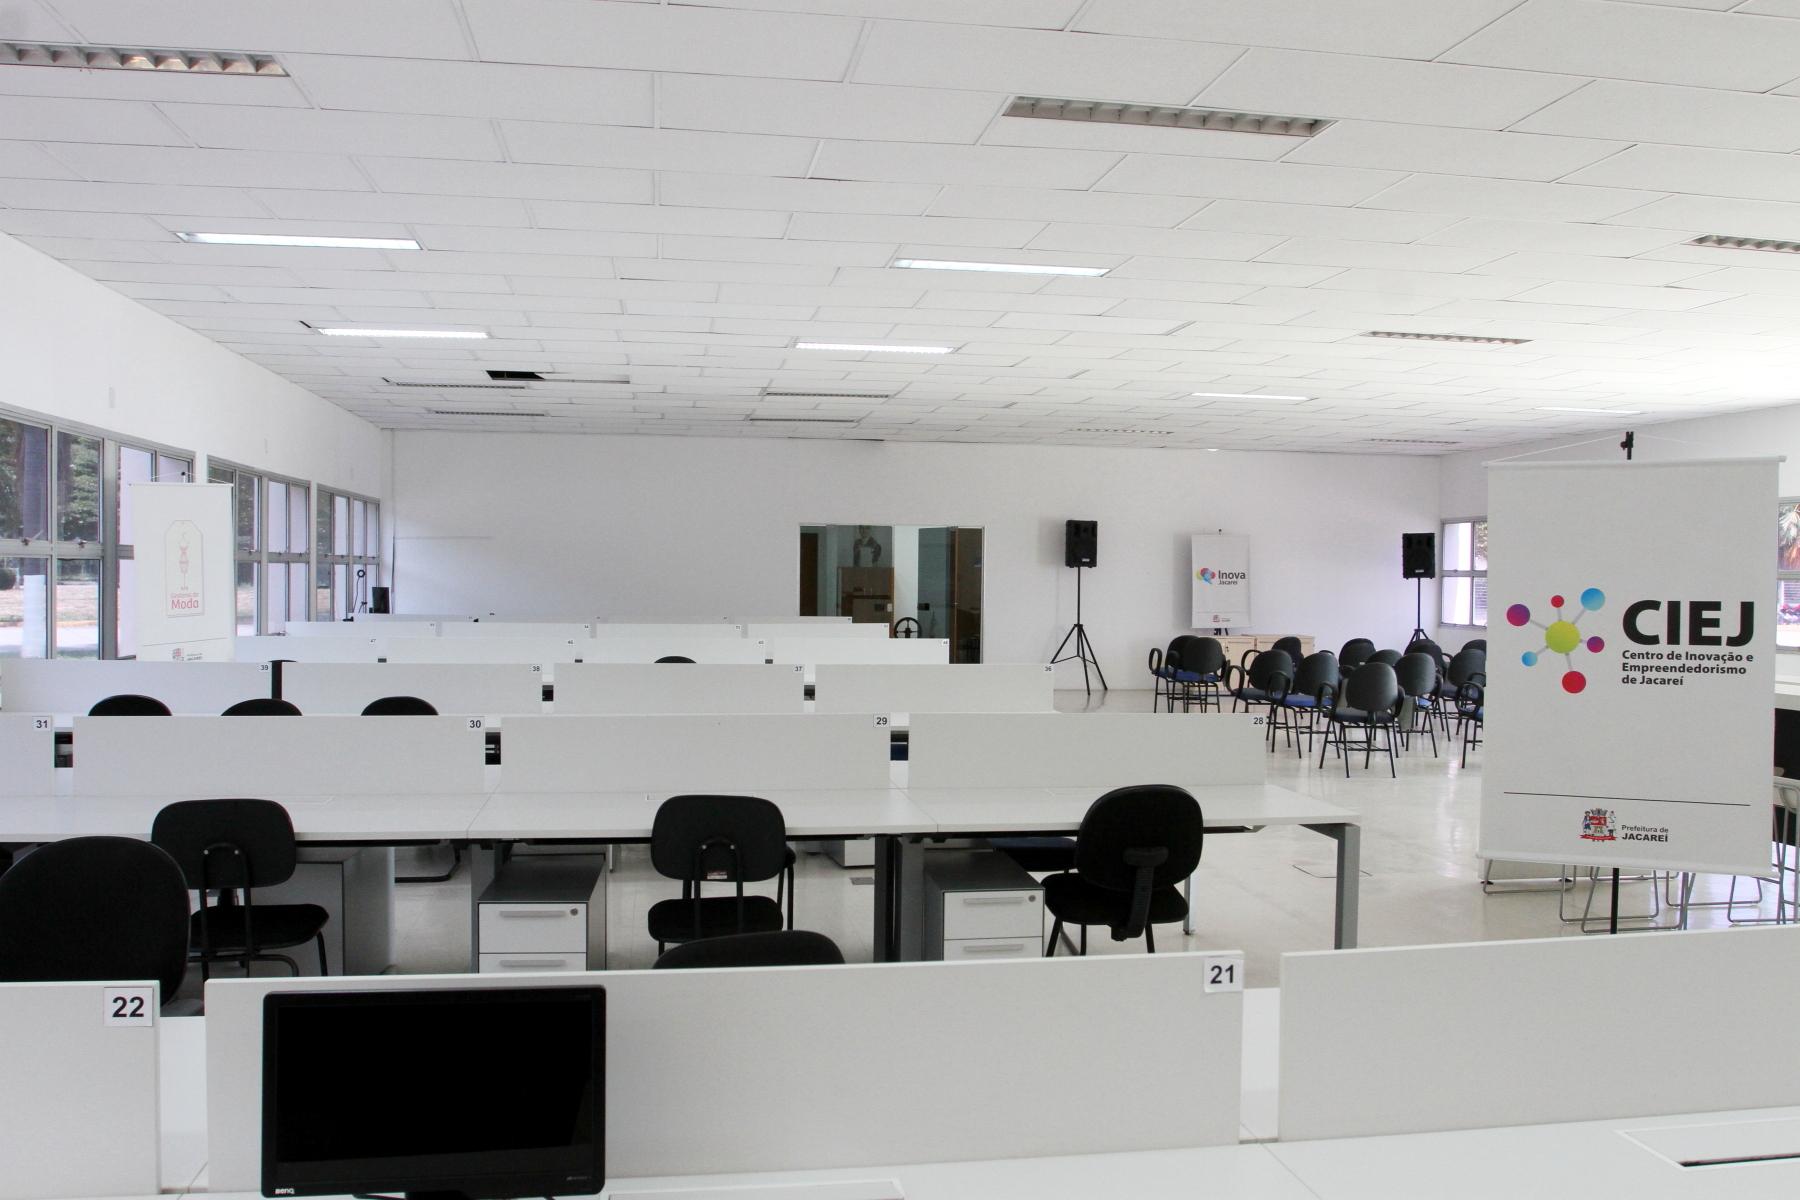 Programa para incubação gratuita de empresas em Jacareí está com edital aberto